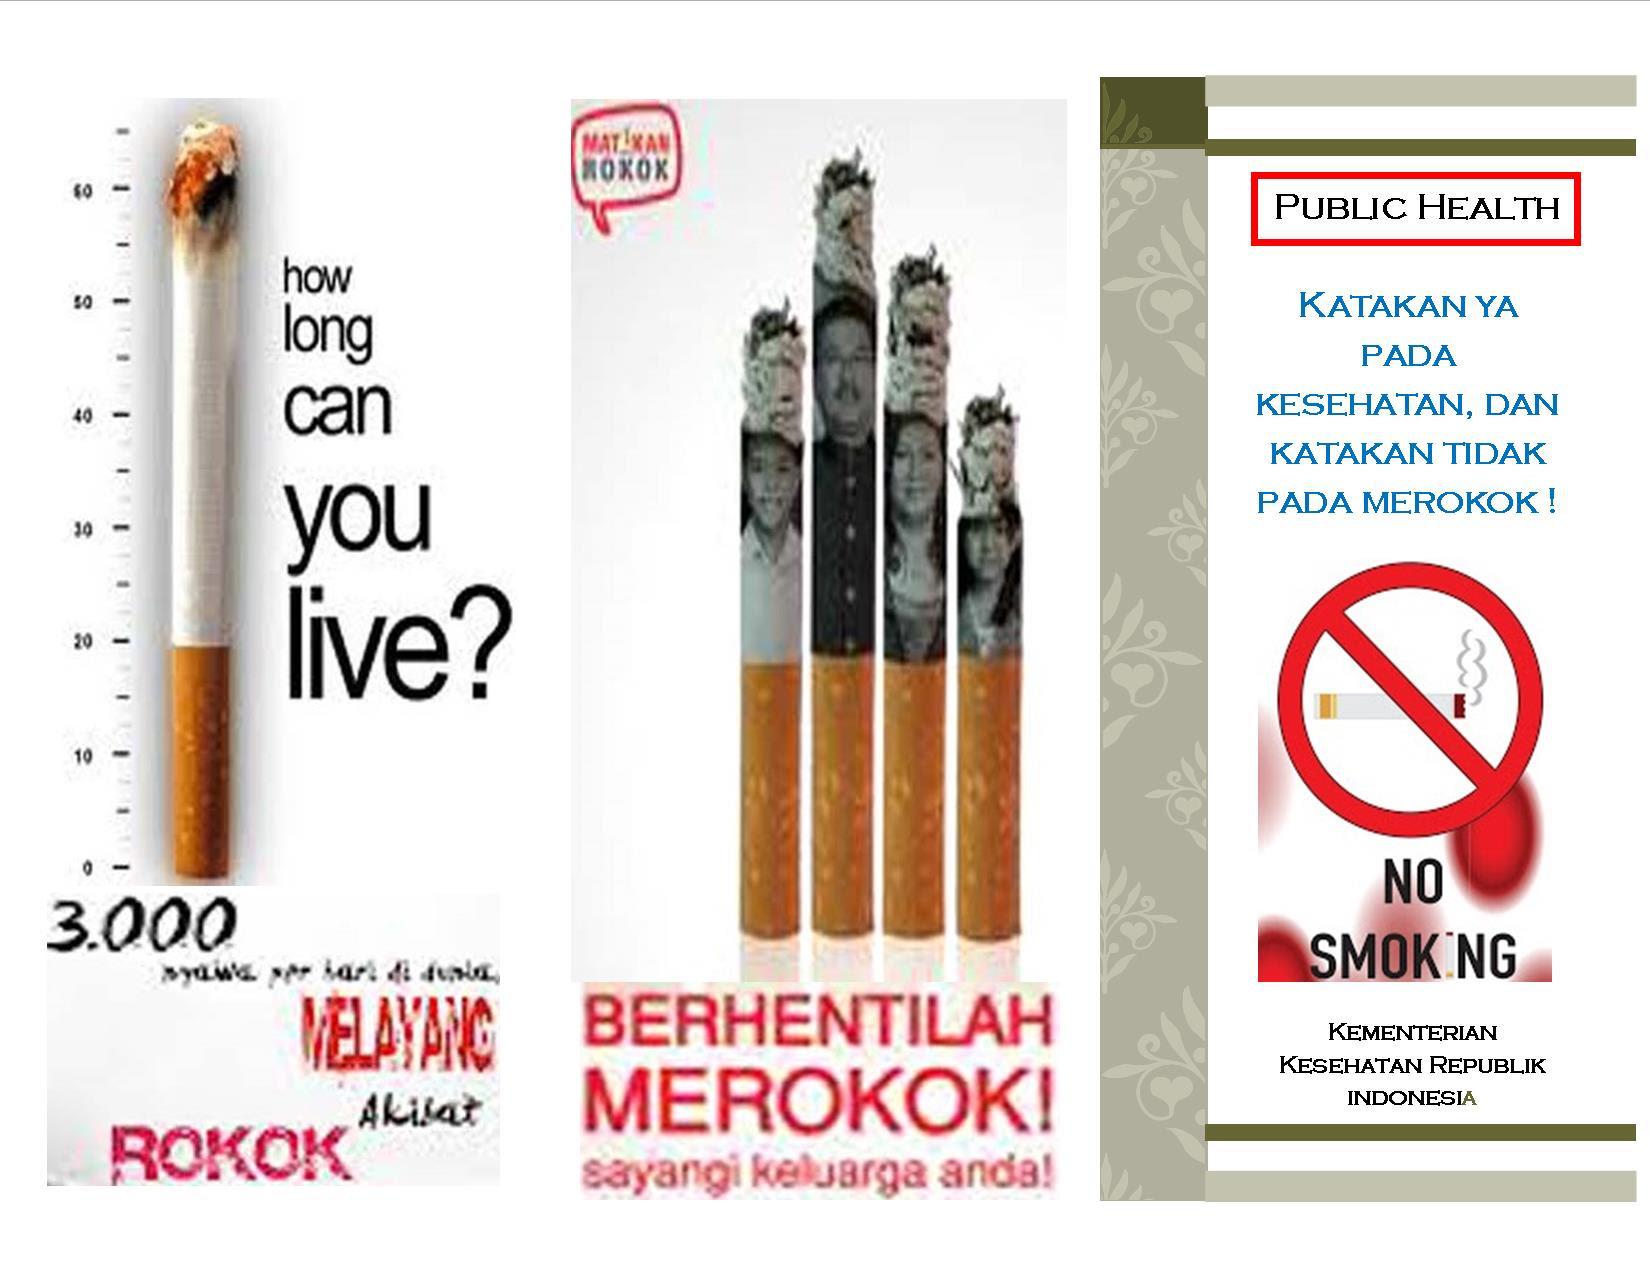 Gambar Reklame Komersial Dan Reklame Non Komersial ...